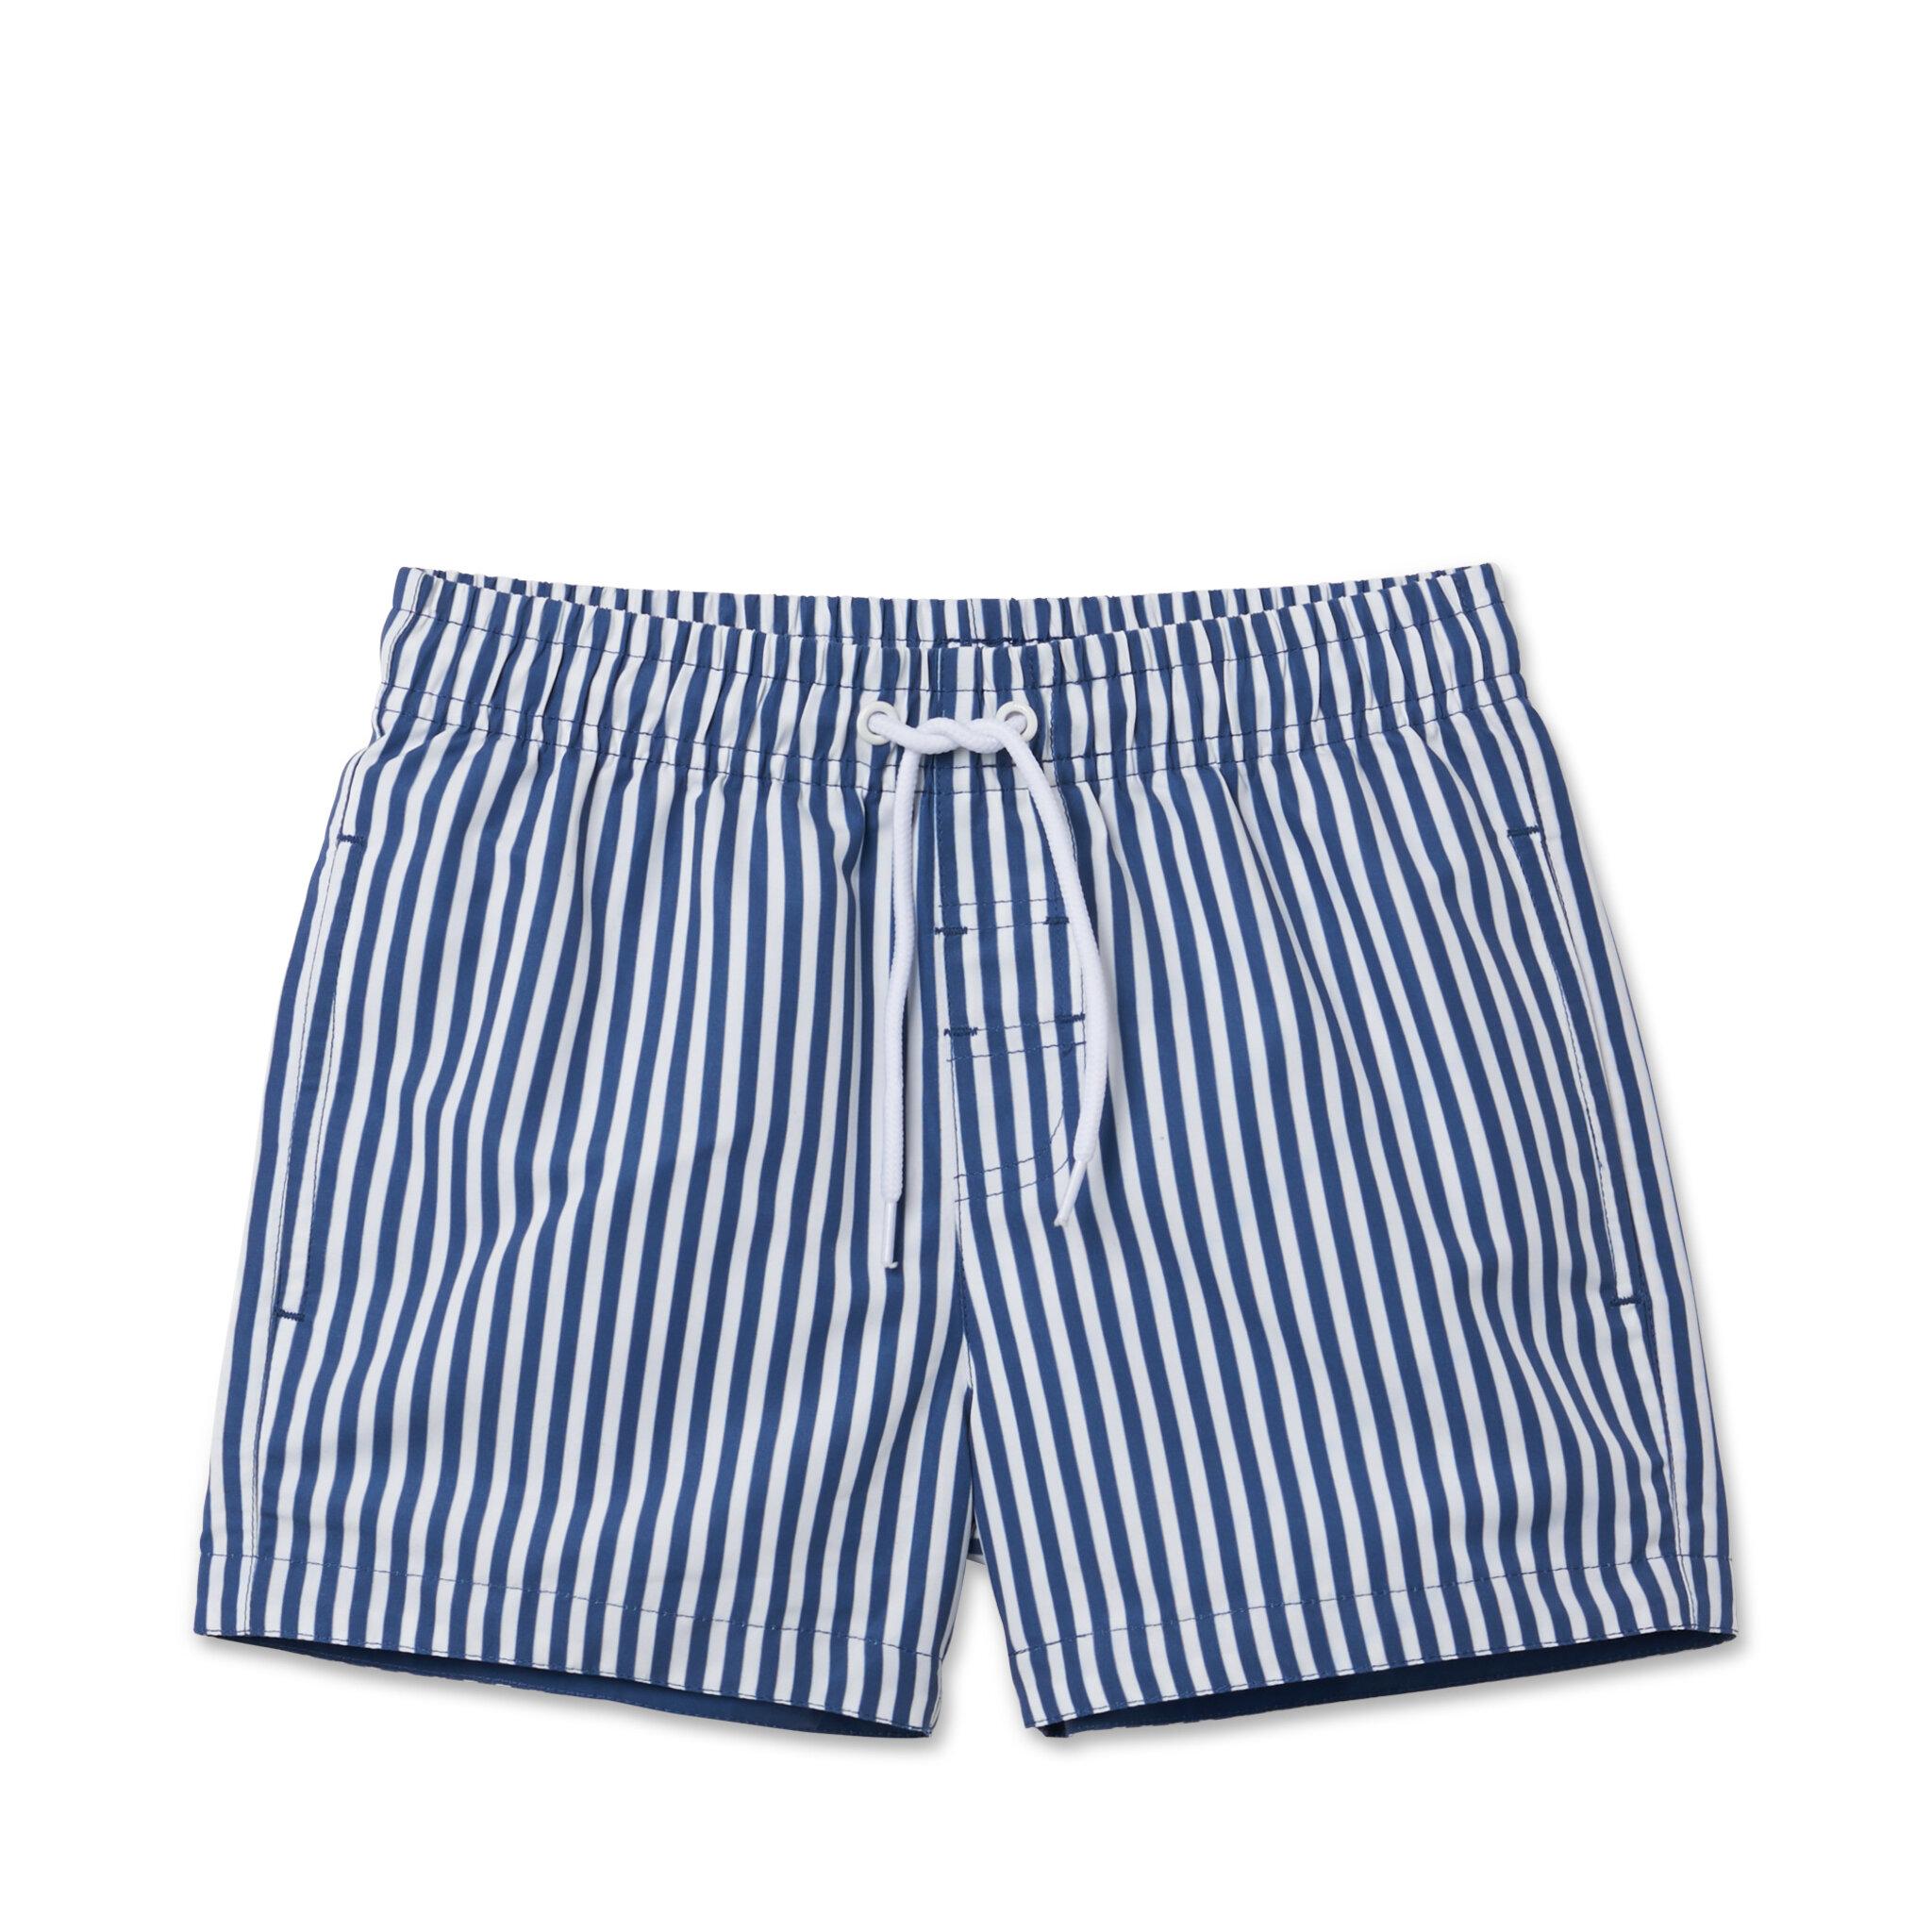 27f3f0d4bf84 Badbyxor Harry - Badkläder - Köp online på åhlens.se!